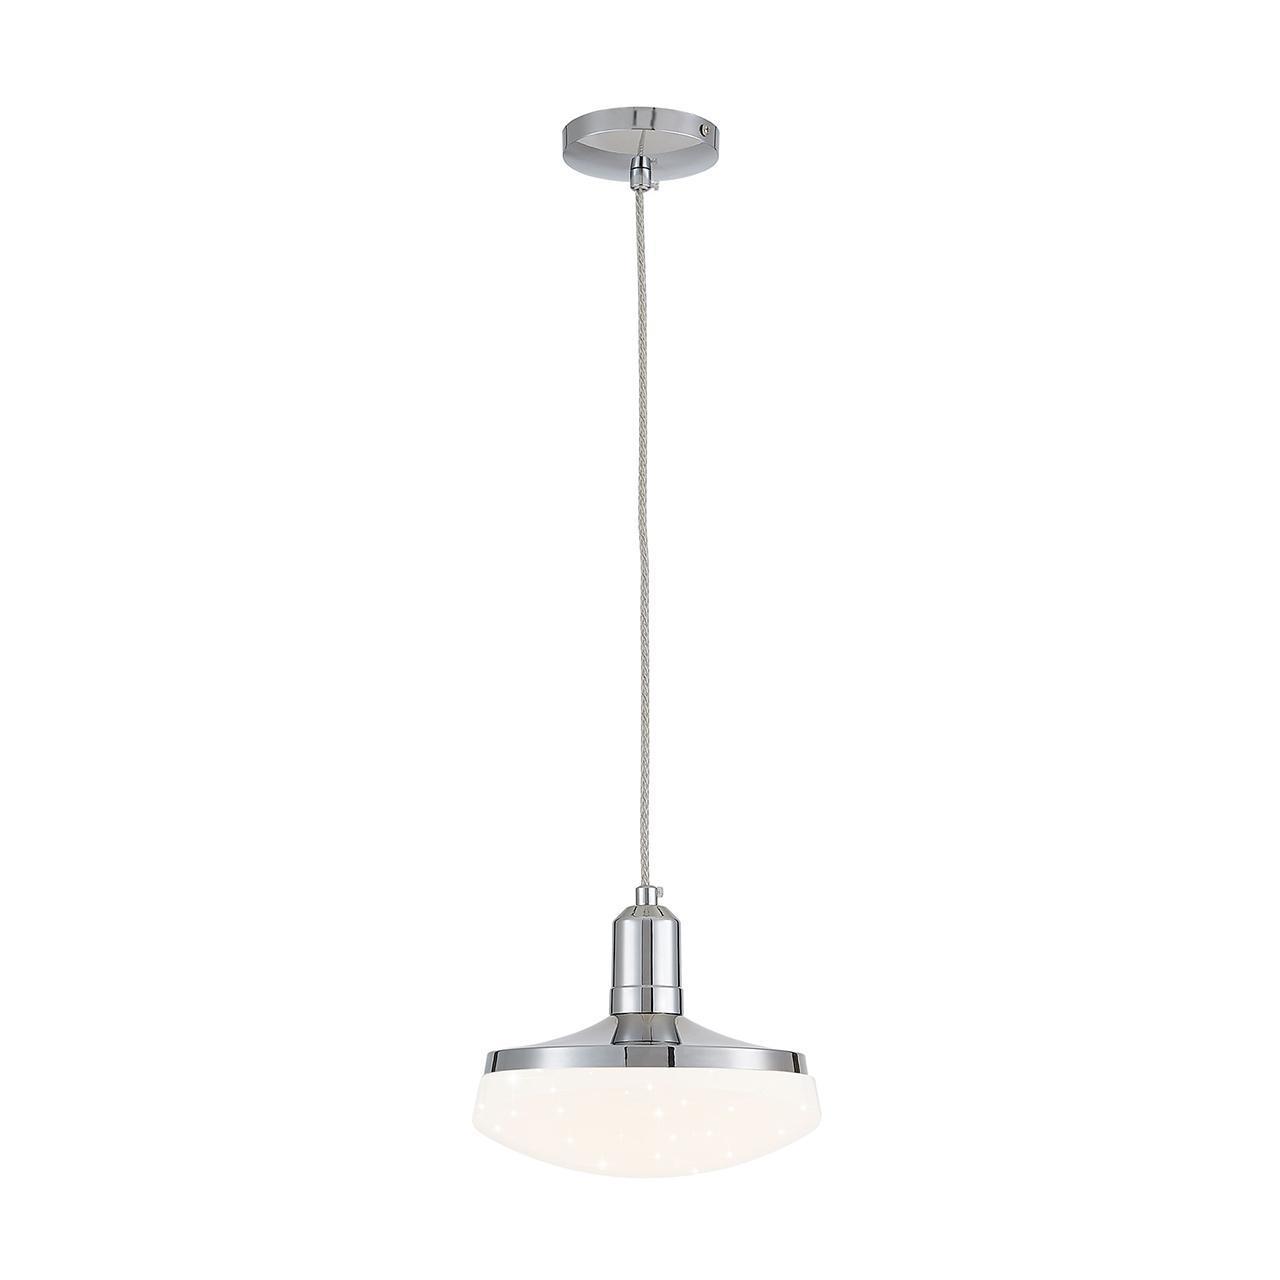 Фото - Подвесной светодиодный светильник Citilux Тамбо CL716111Wz подвесной светильник citilux тамбо cl716111wz